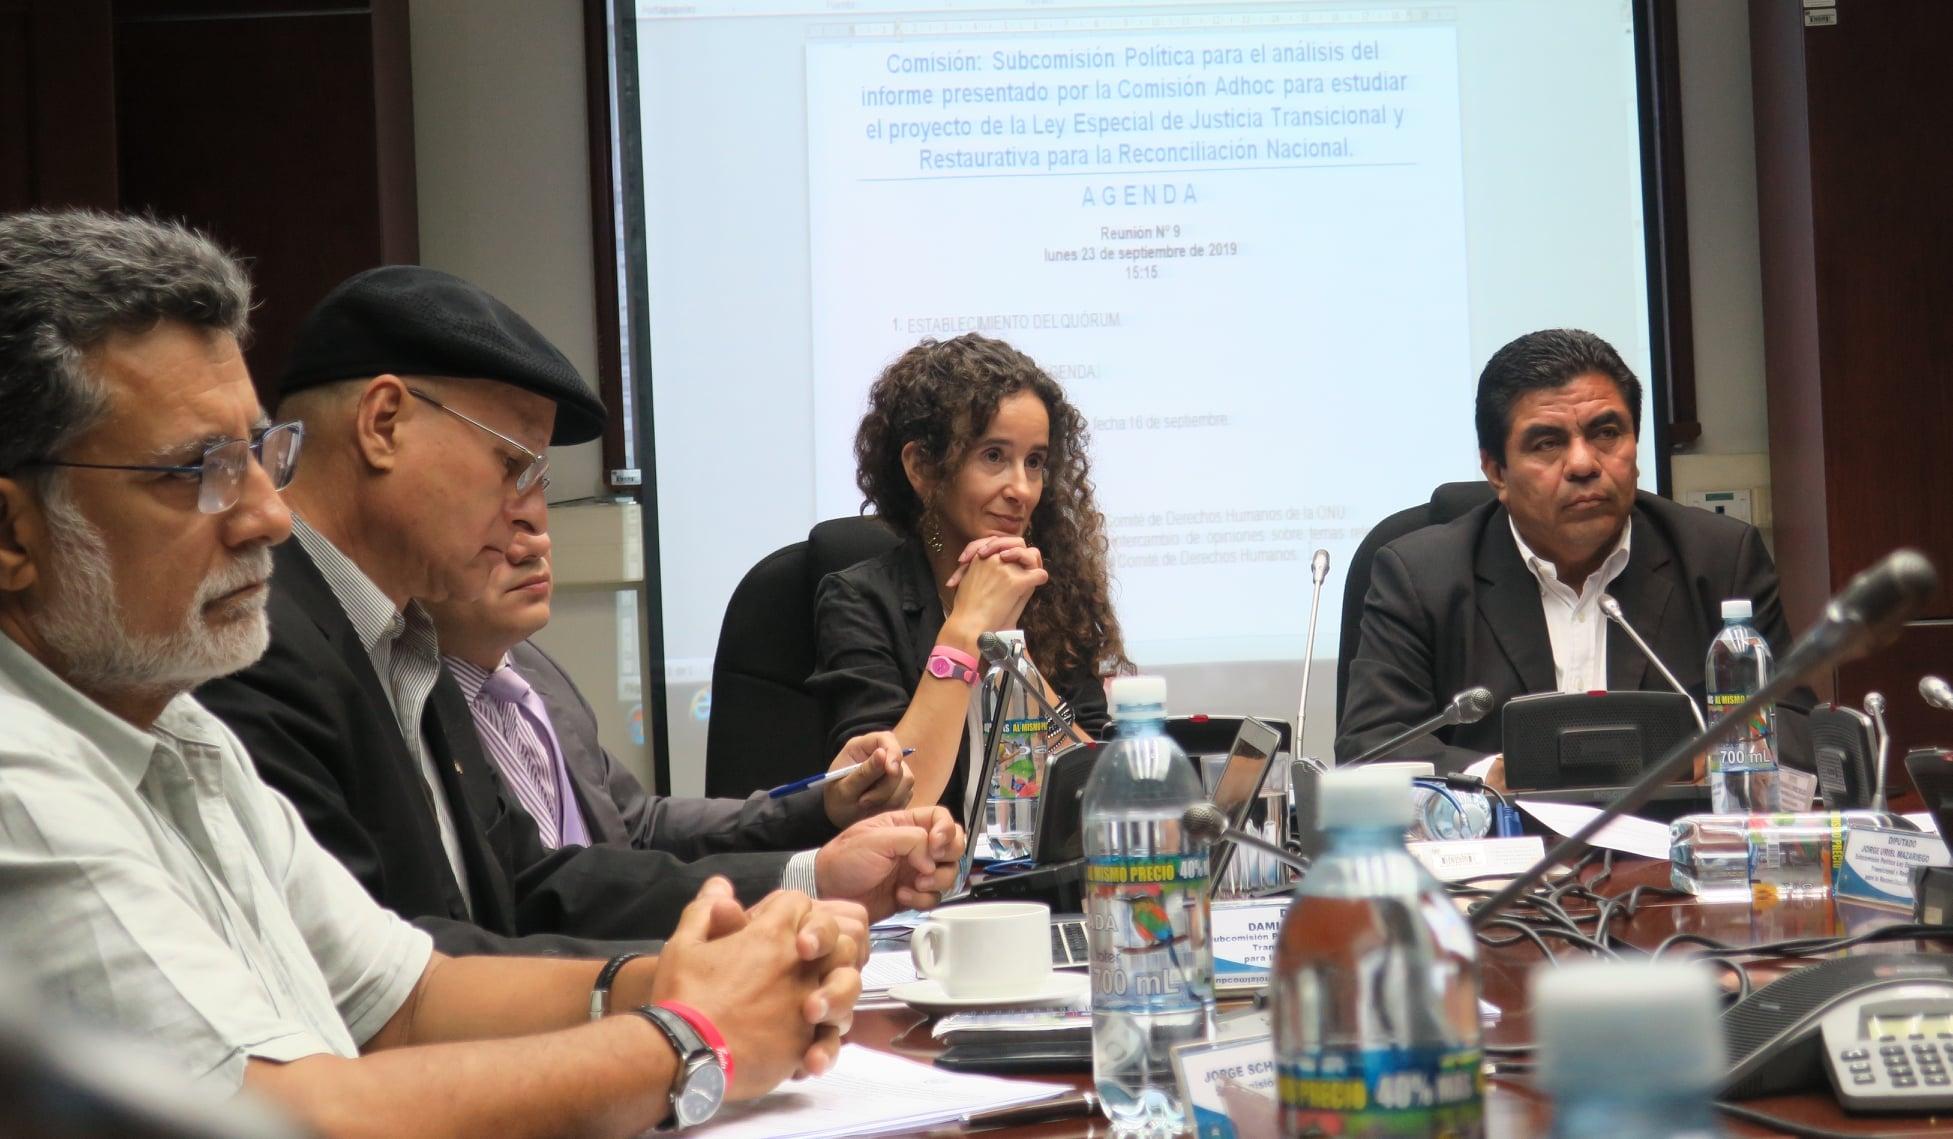 Visita de Experta del Comité de Derechos Humanos a El Salvador